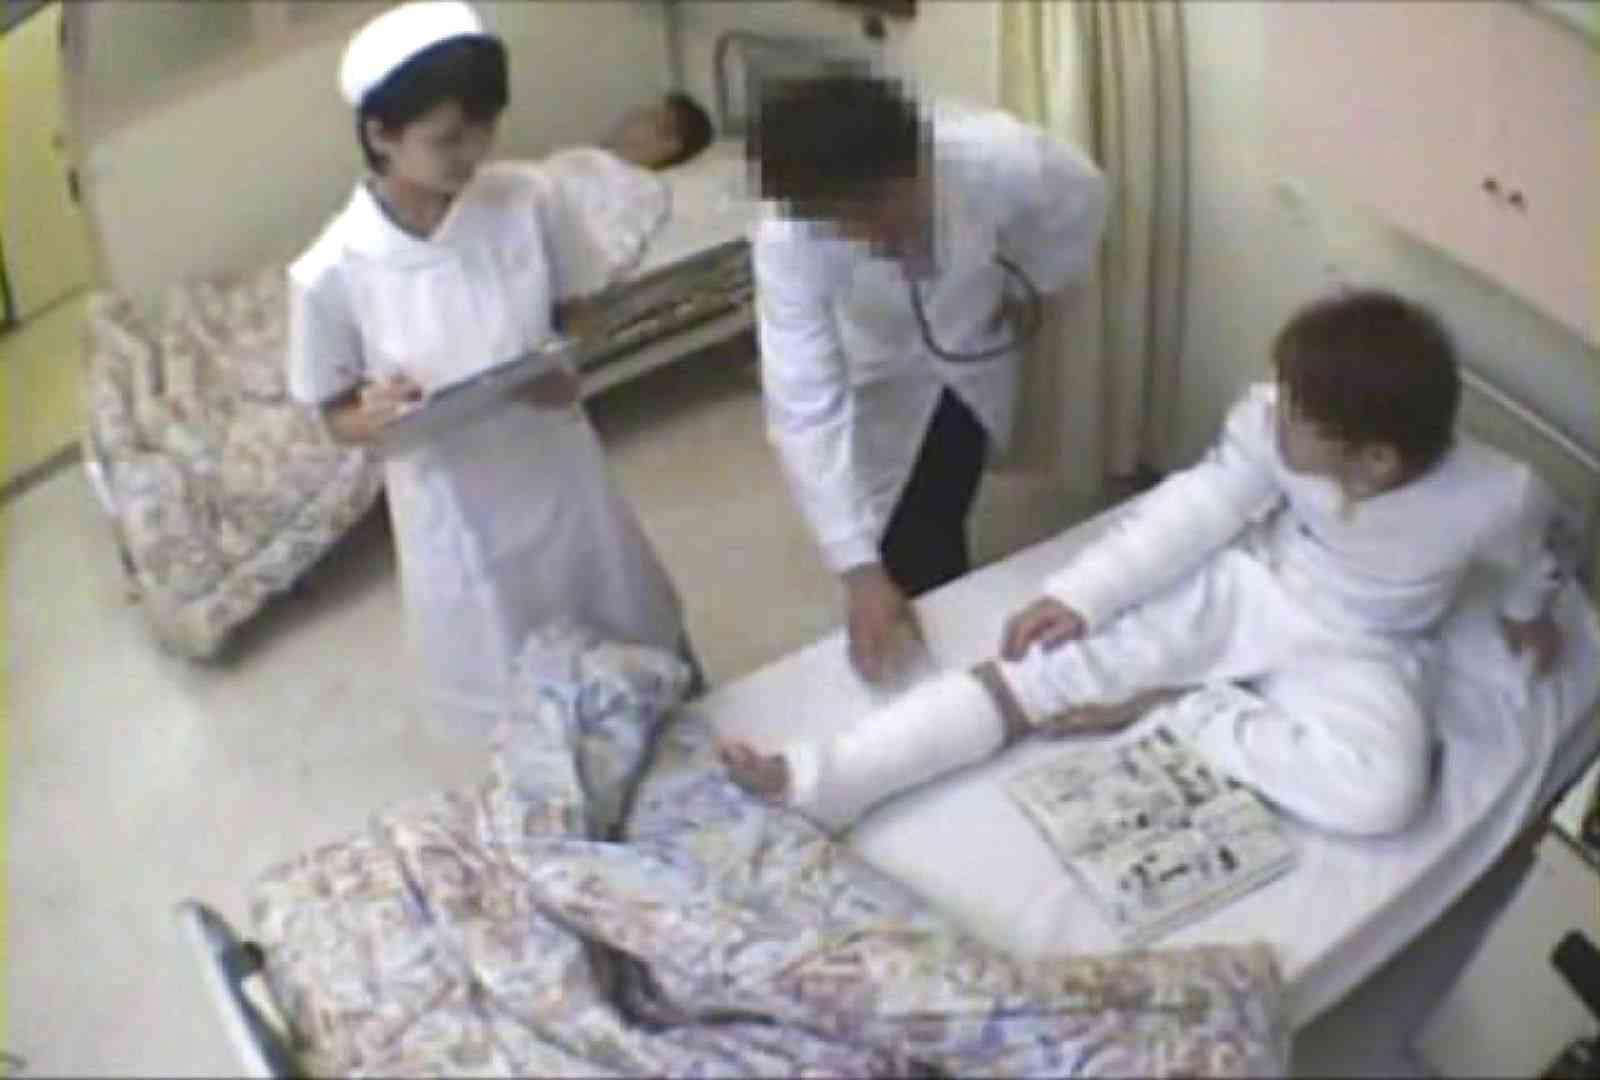 絶対に逝ってはいけない寸止め病棟Vol.6 ギャルエロ画像   OLエロ画像  28PICs 19